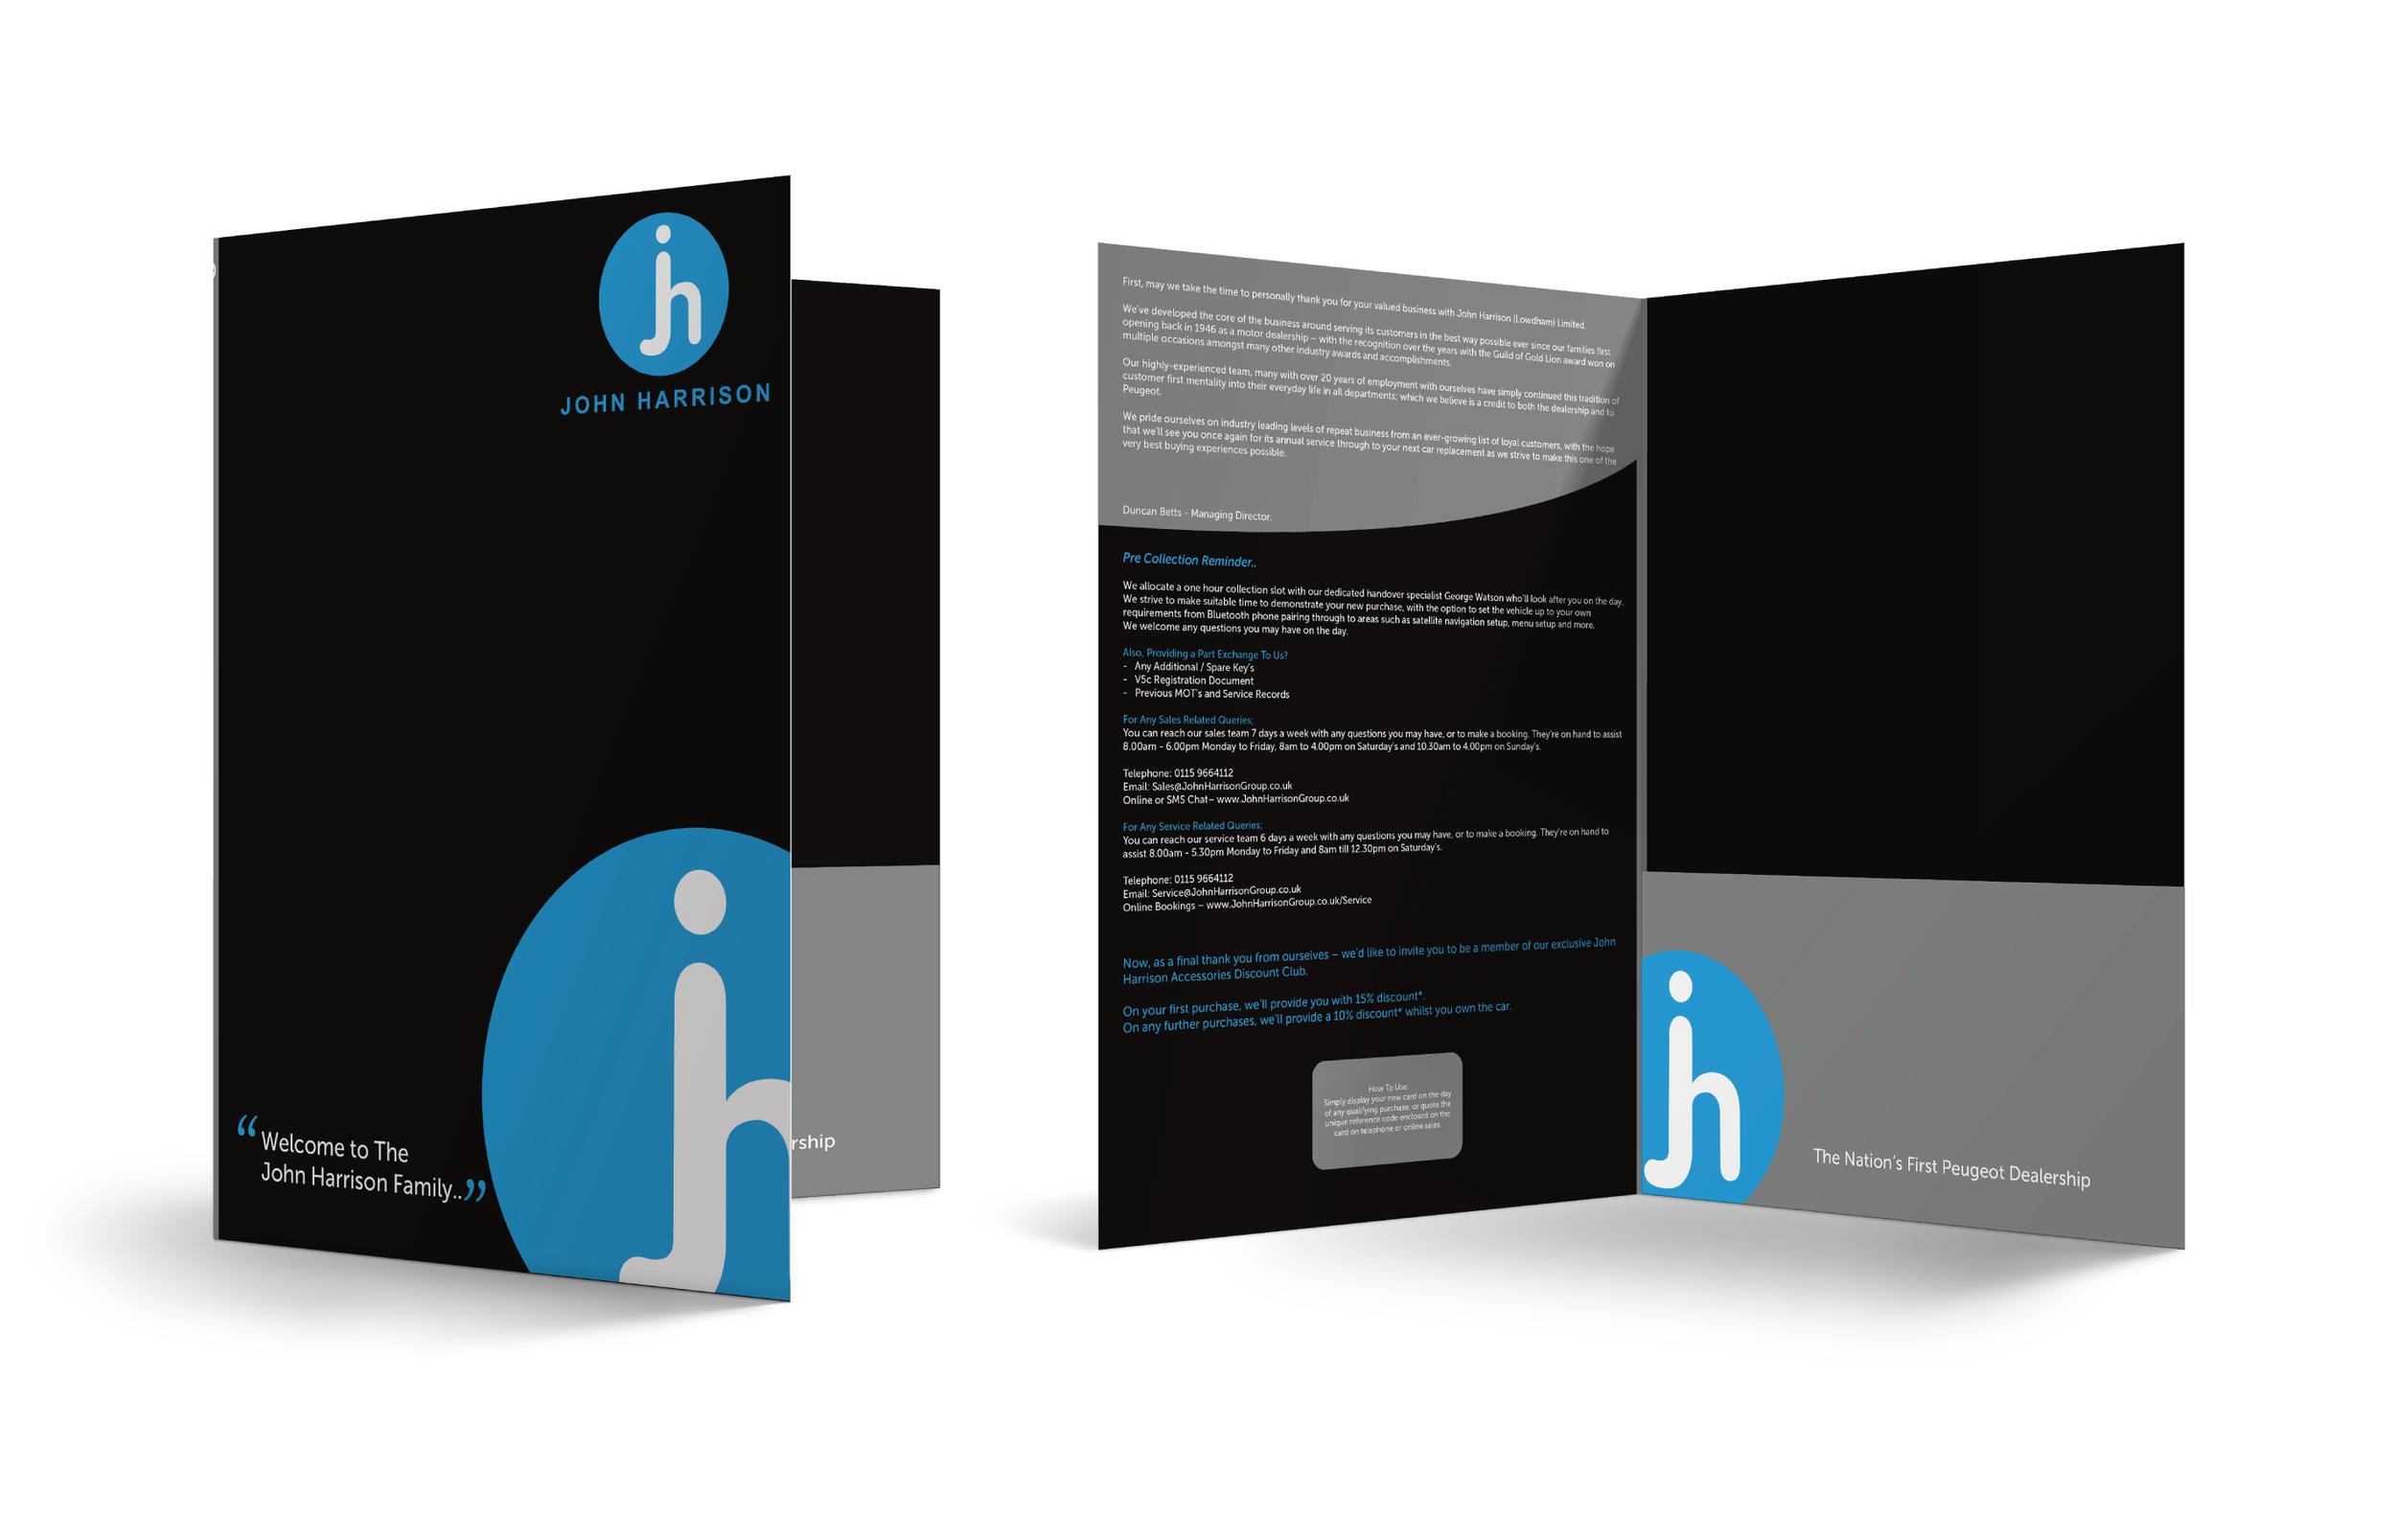 John Harrison Peugeot Presentation Folder Design